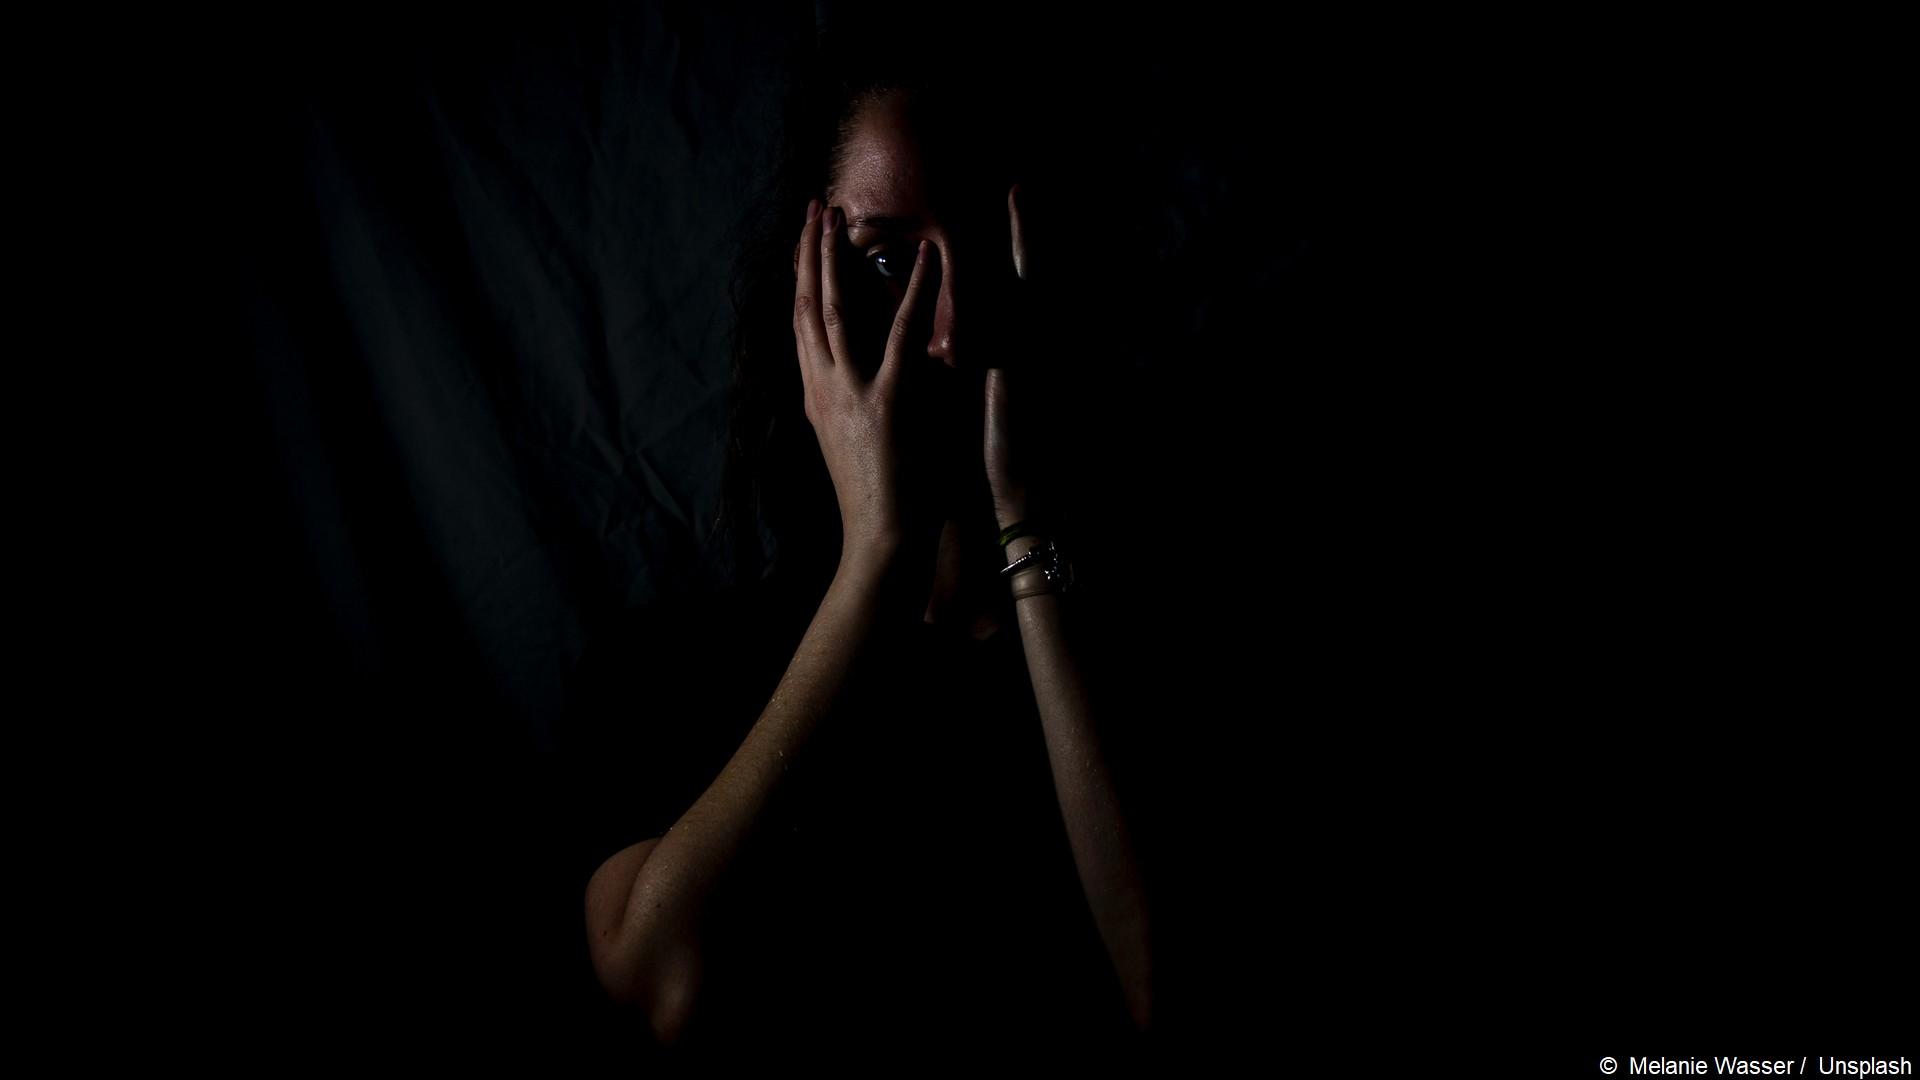 Violences (c) Melanie Wasser Unsplash